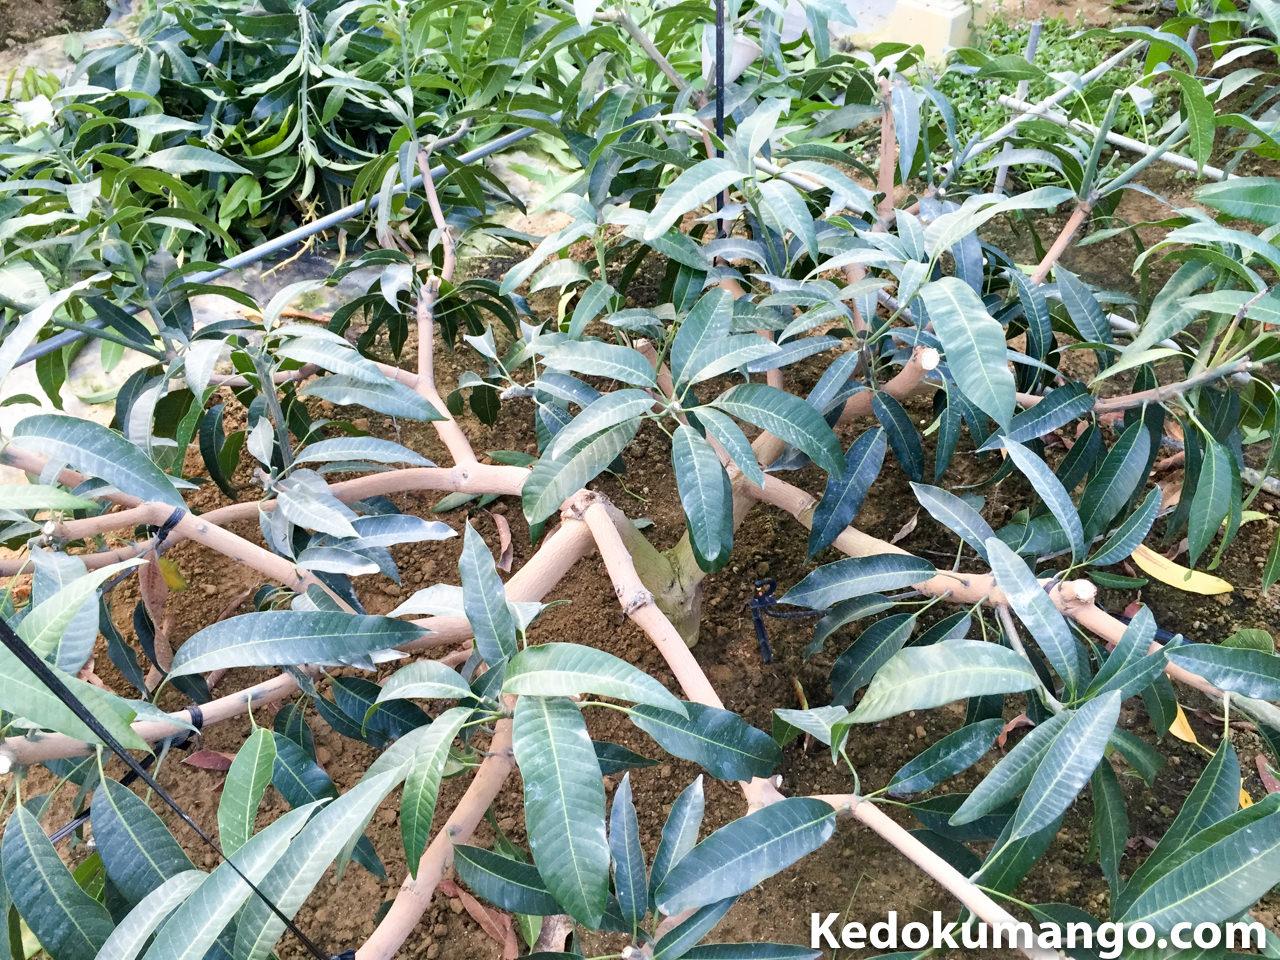 夏季剪定をおこなったマンゴーの枝